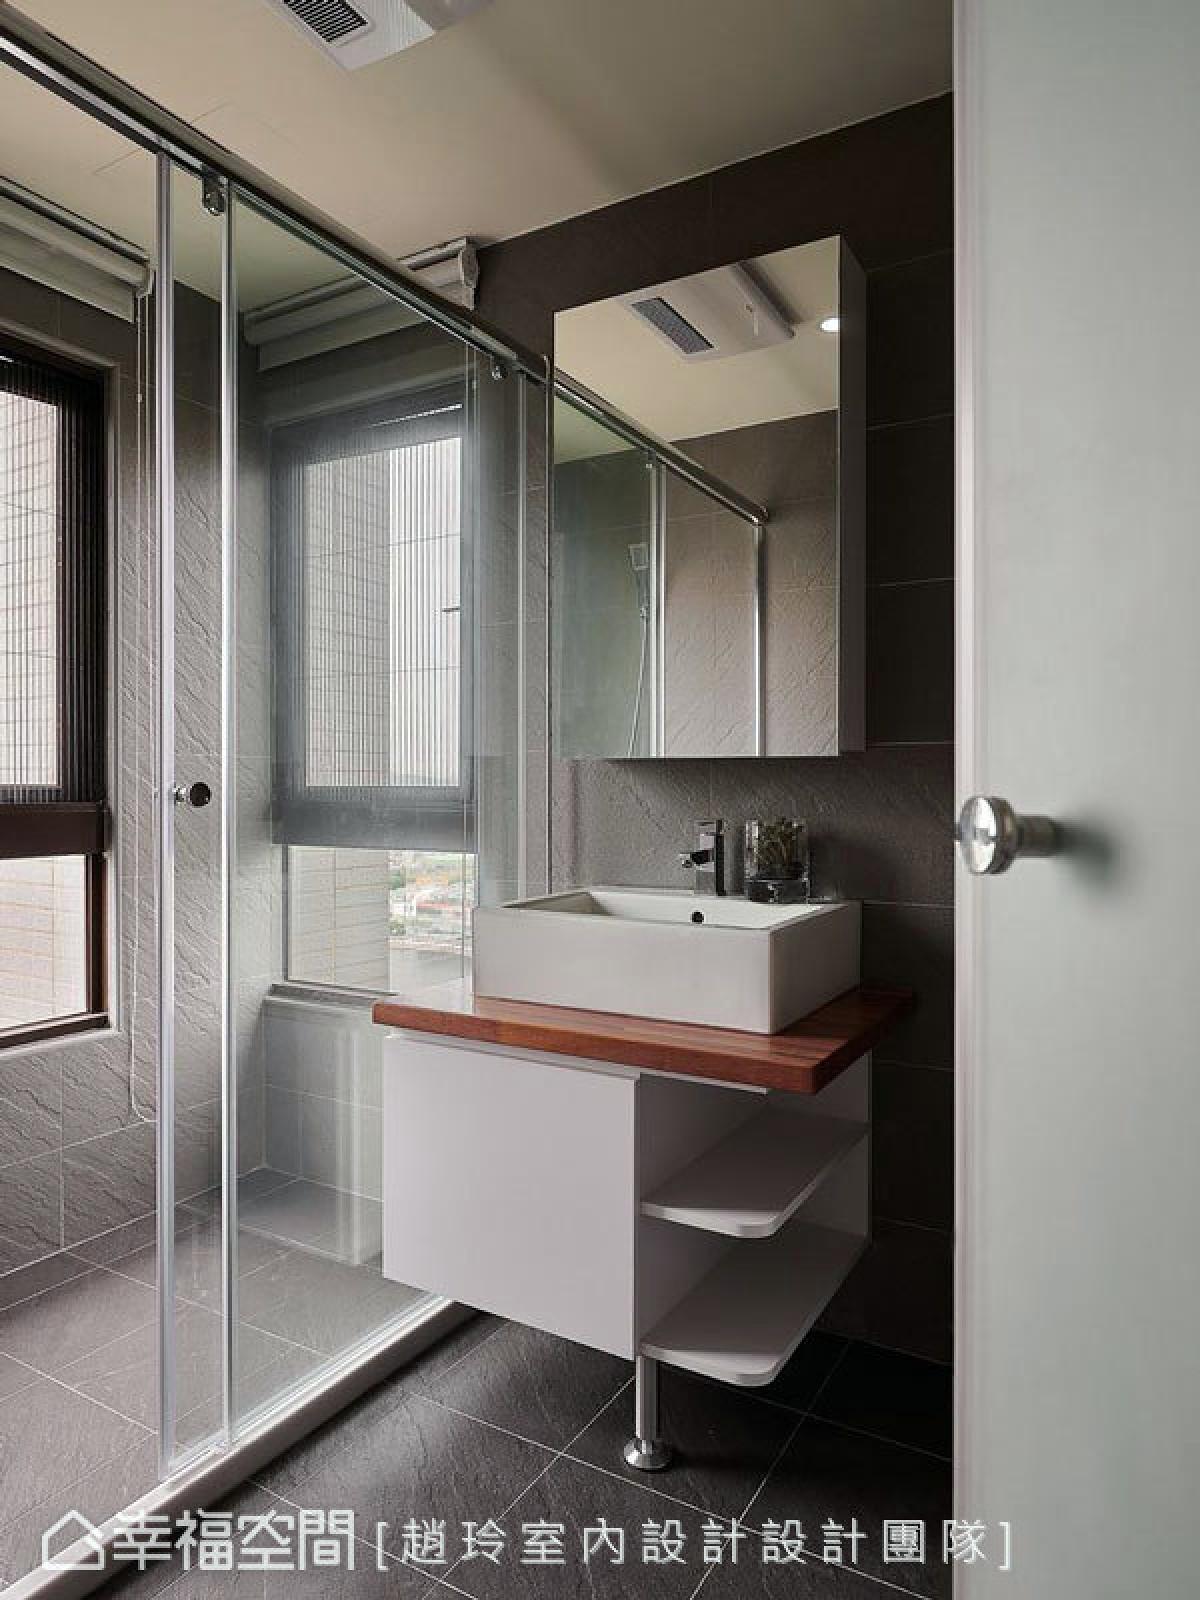 卫浴,灰韵宁穆 有别公共空间及卧房的明亮氛围,卫浴以深灰色砖来铺砌地板和壁面。沉稳气息让沐浴时光更显宁谧。